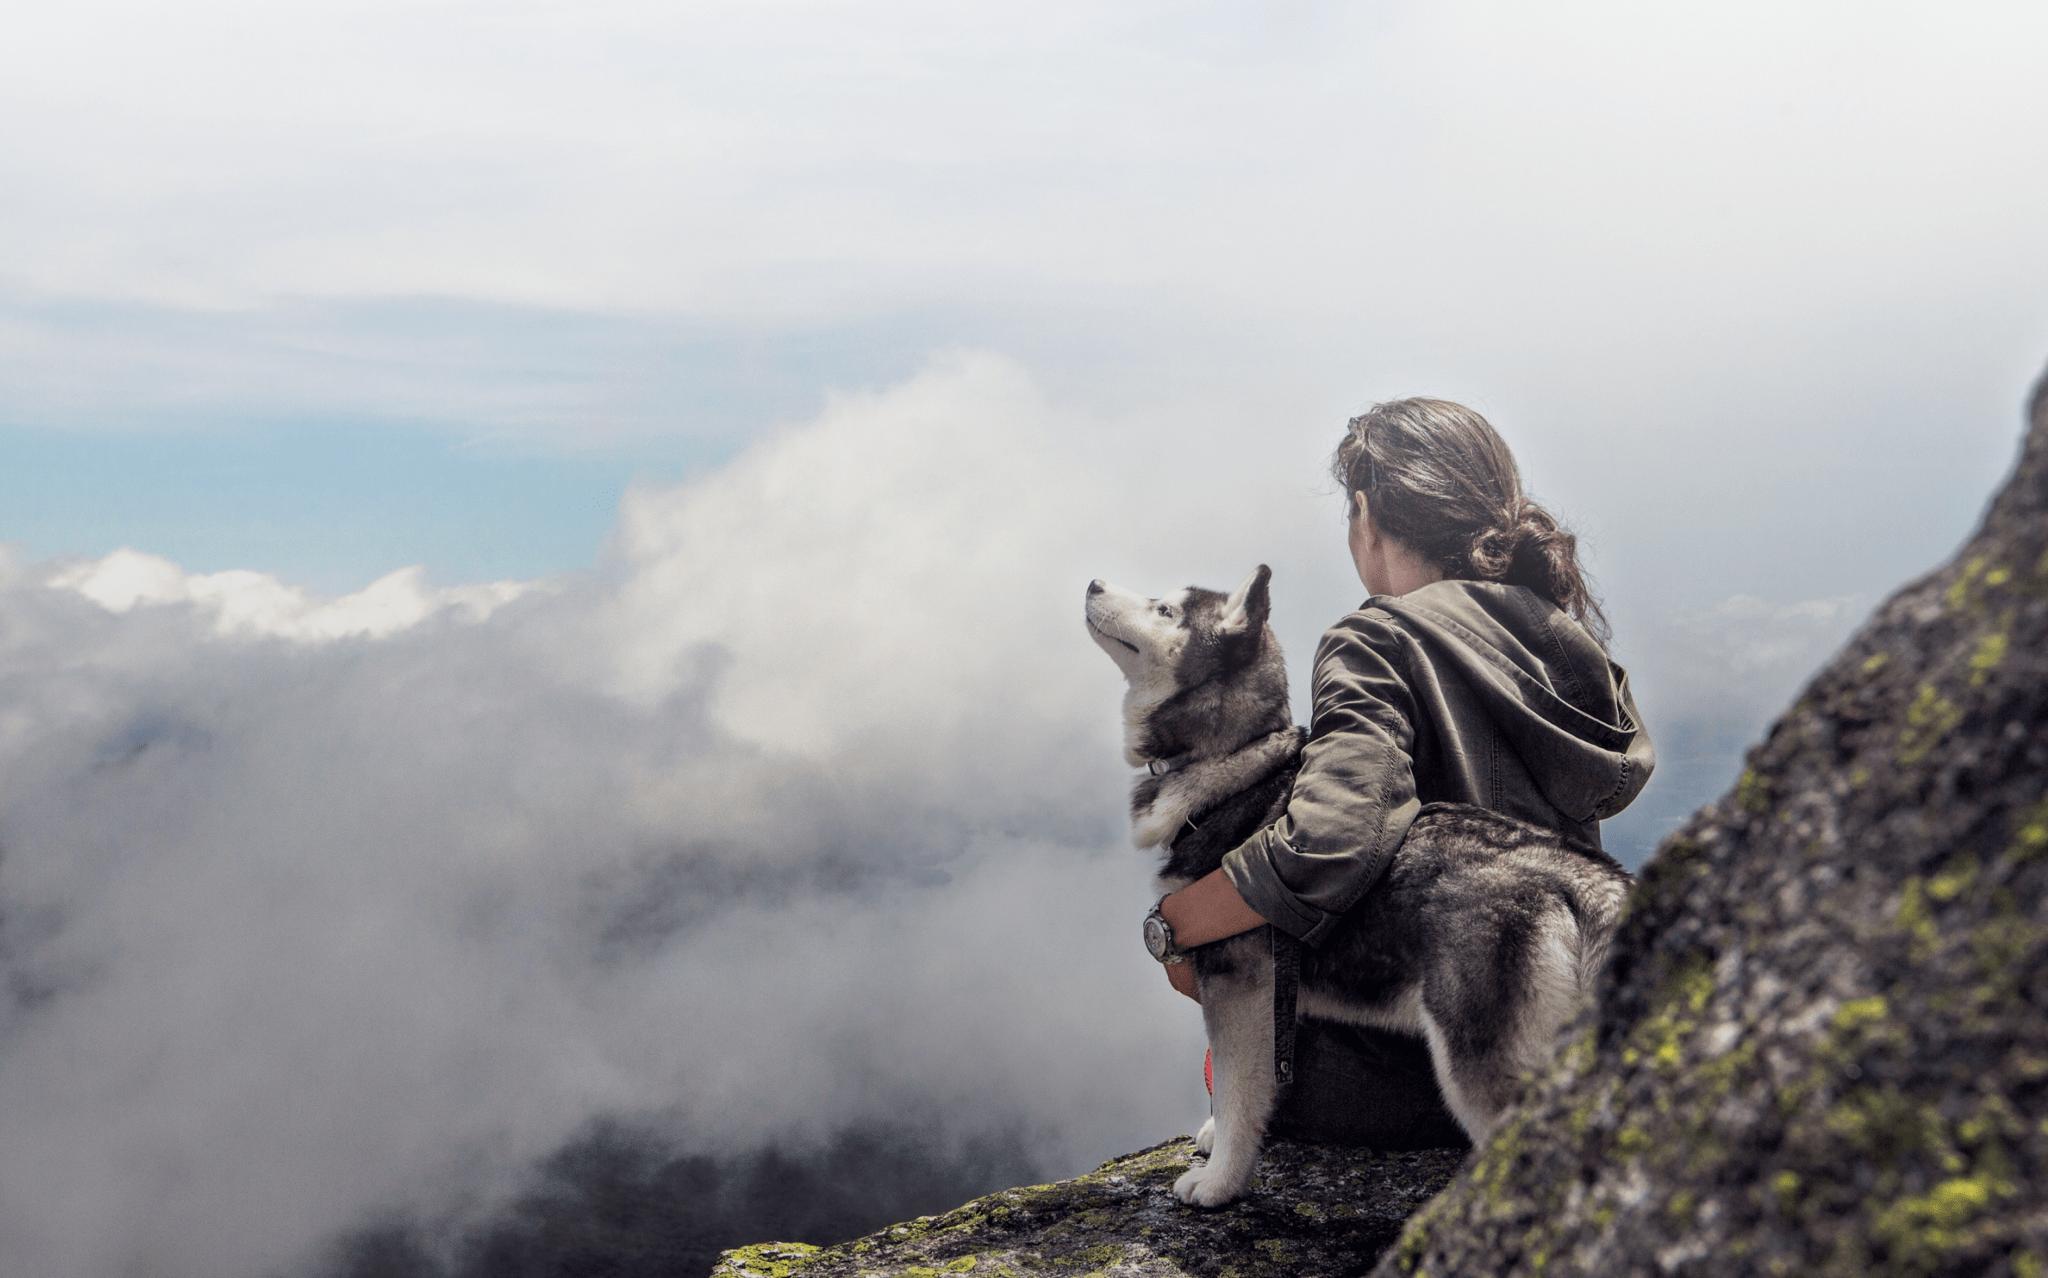 Man hugging dog on mountain side